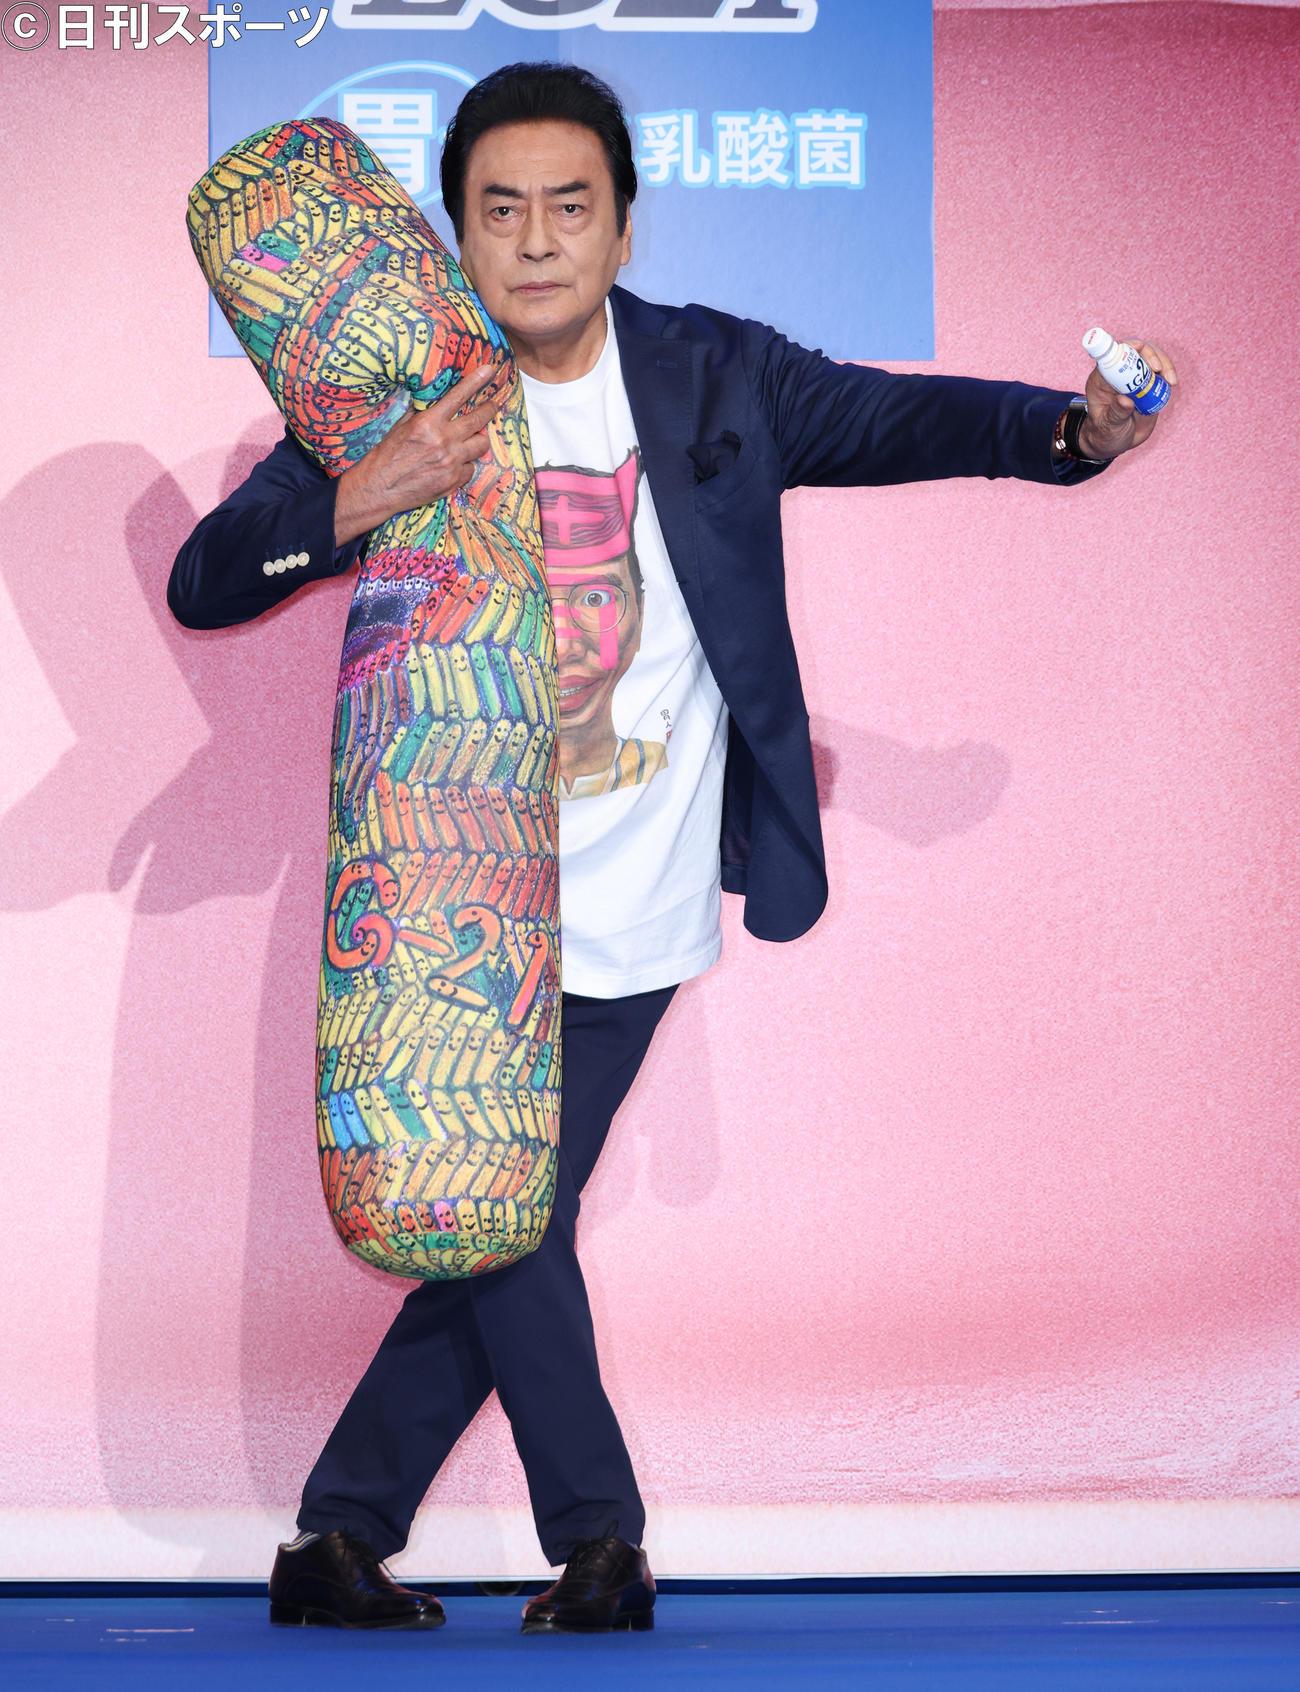 明治プロビオヨーグルトLG21発売21周年イベントでランウエーを歩く高橋英樹(撮影・中島郁夫)